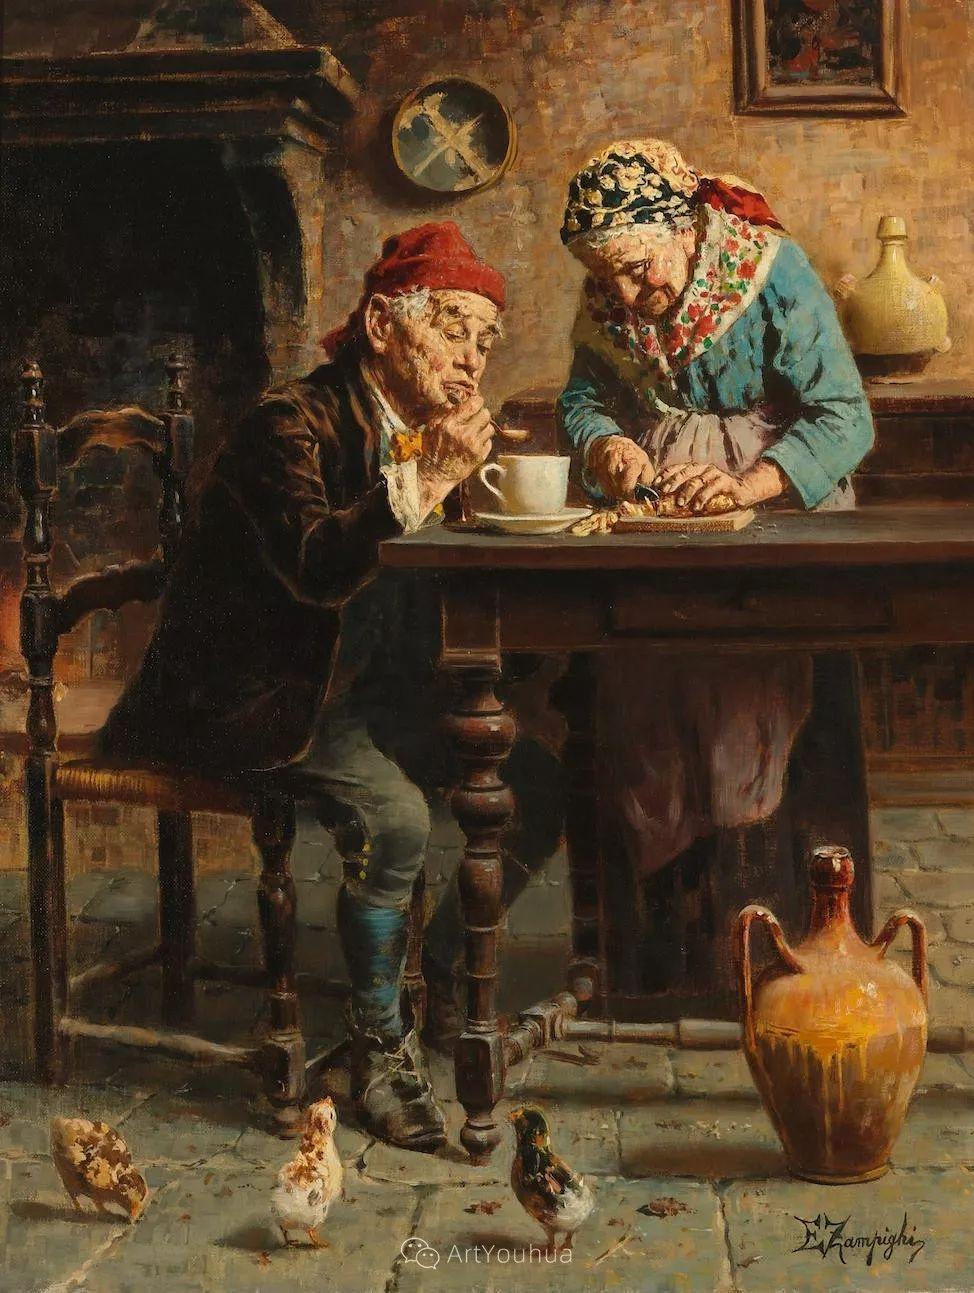 他把普通人的生活,画得如此欢乐、温馨、幸福,意大利画家Eugenio Zampighi插图31